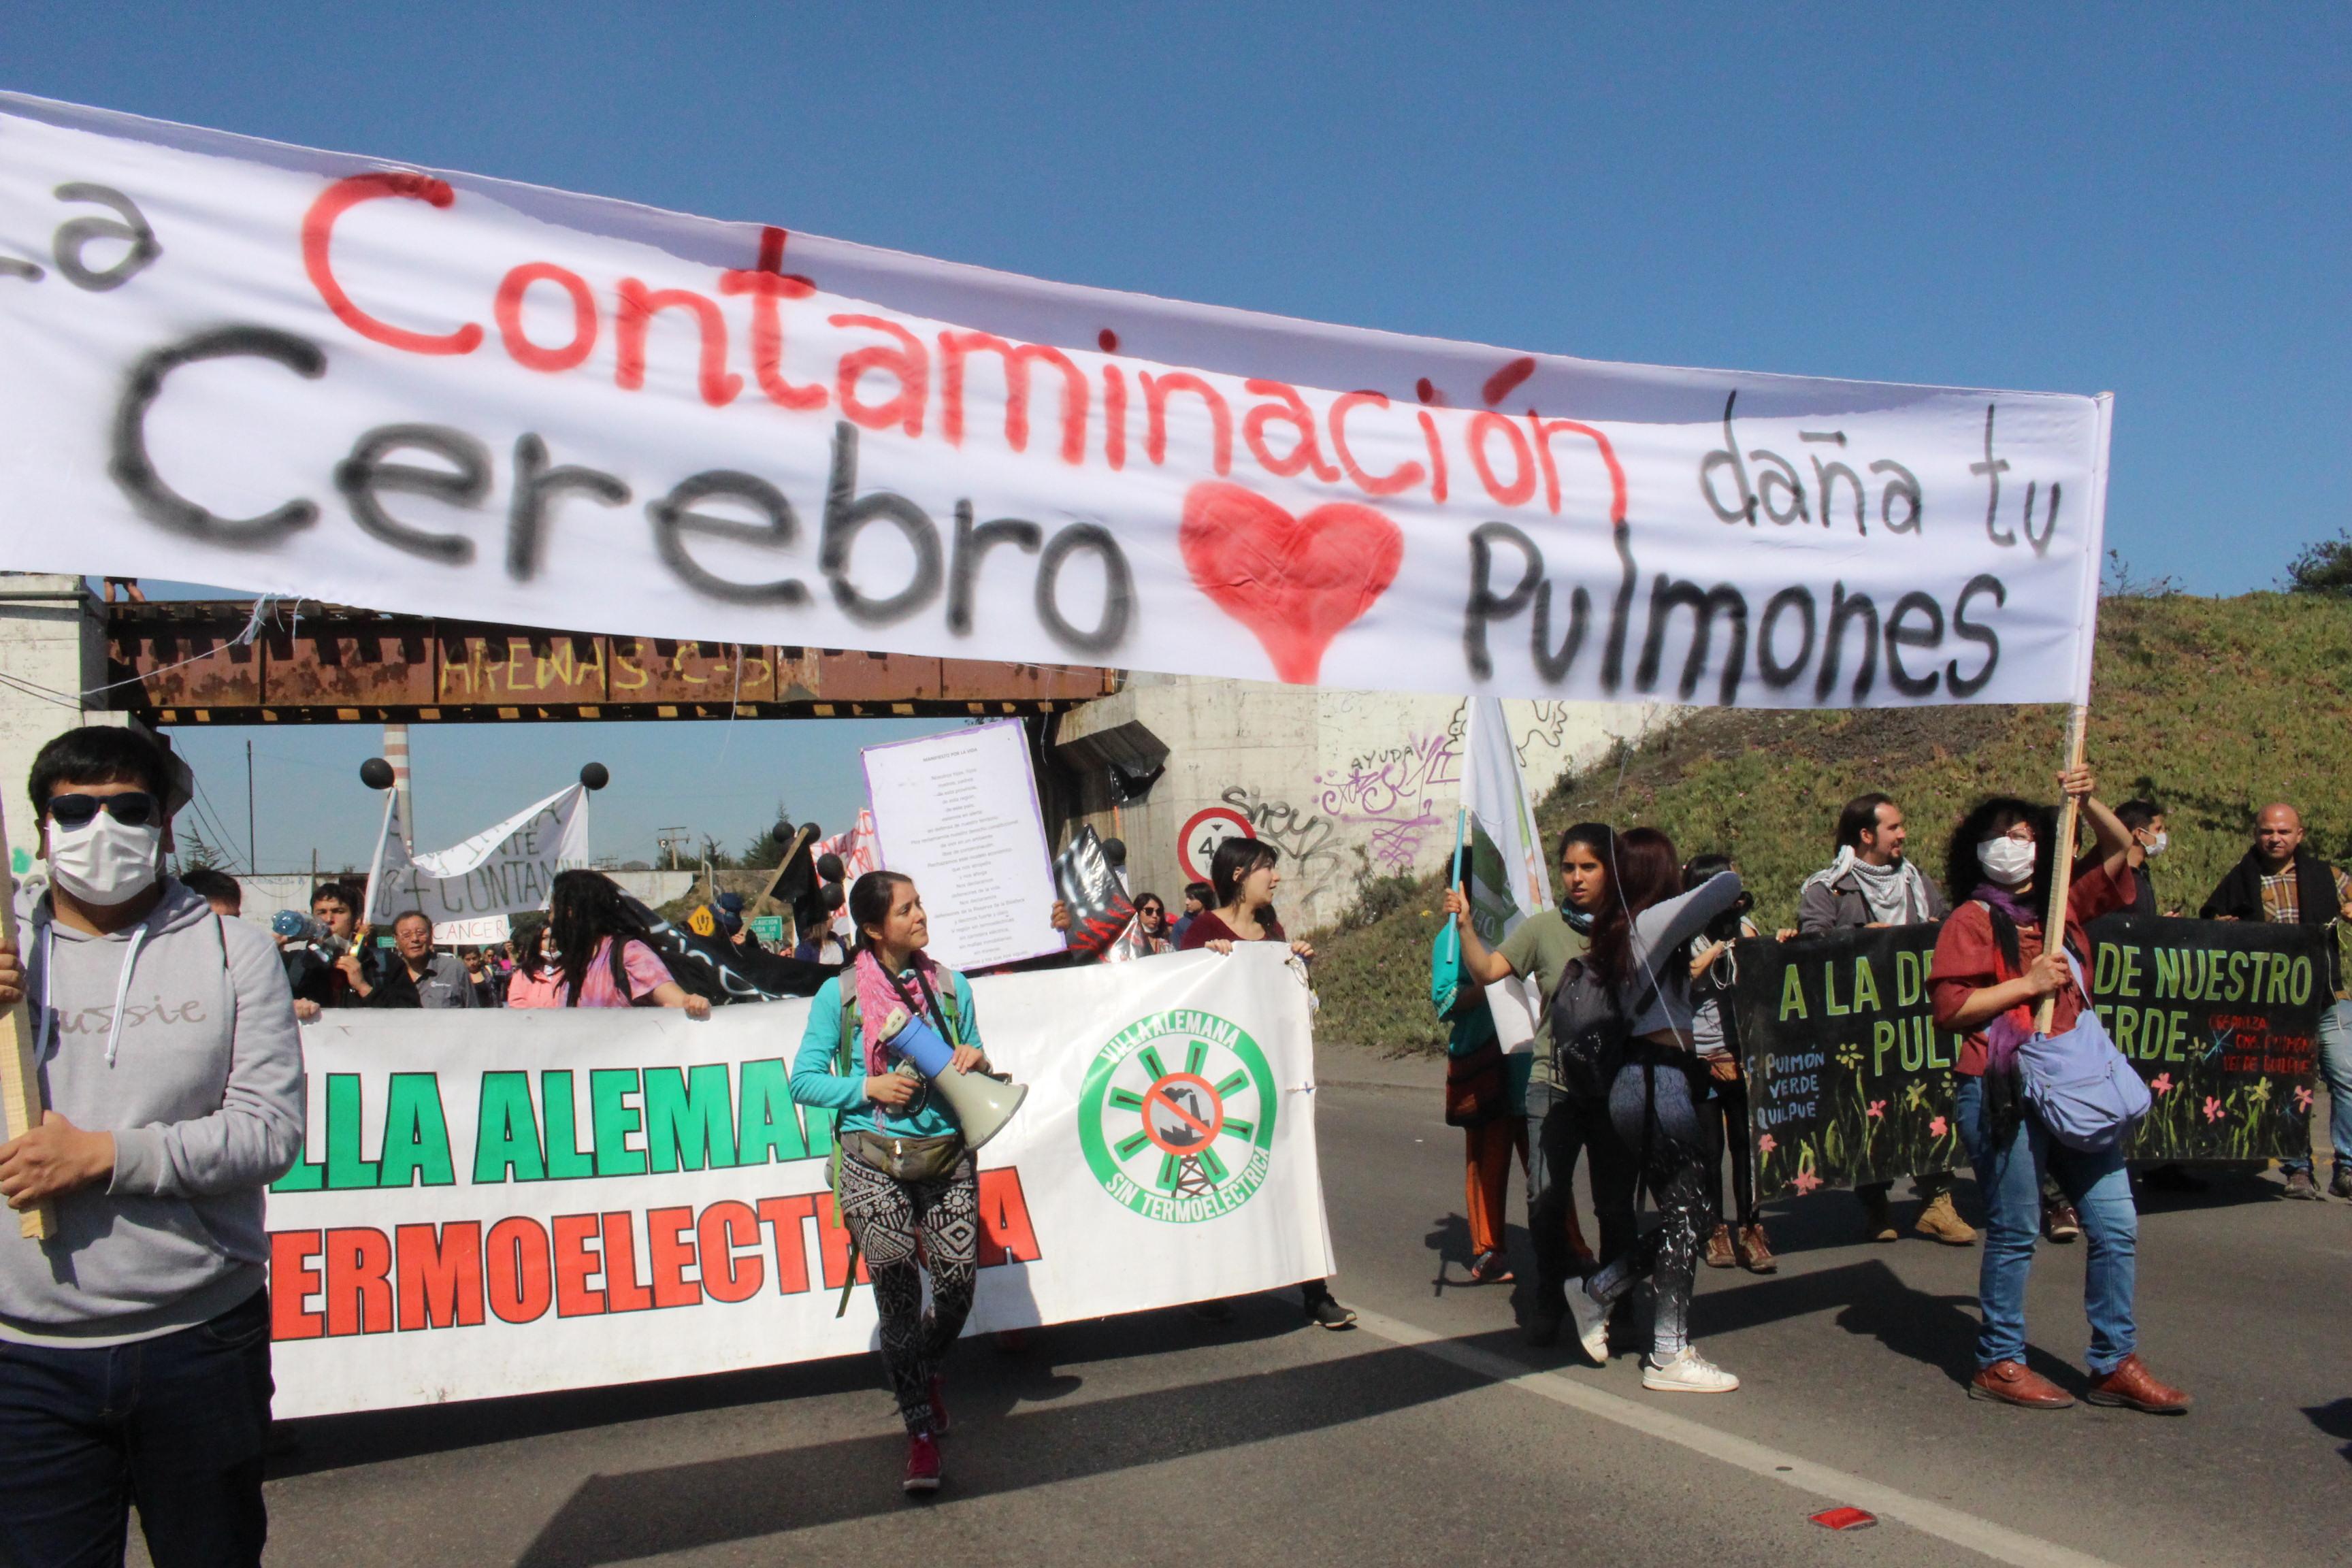 Efecto Quintero: Limache solicita suspender tramitación de dos proyectos en la comuna